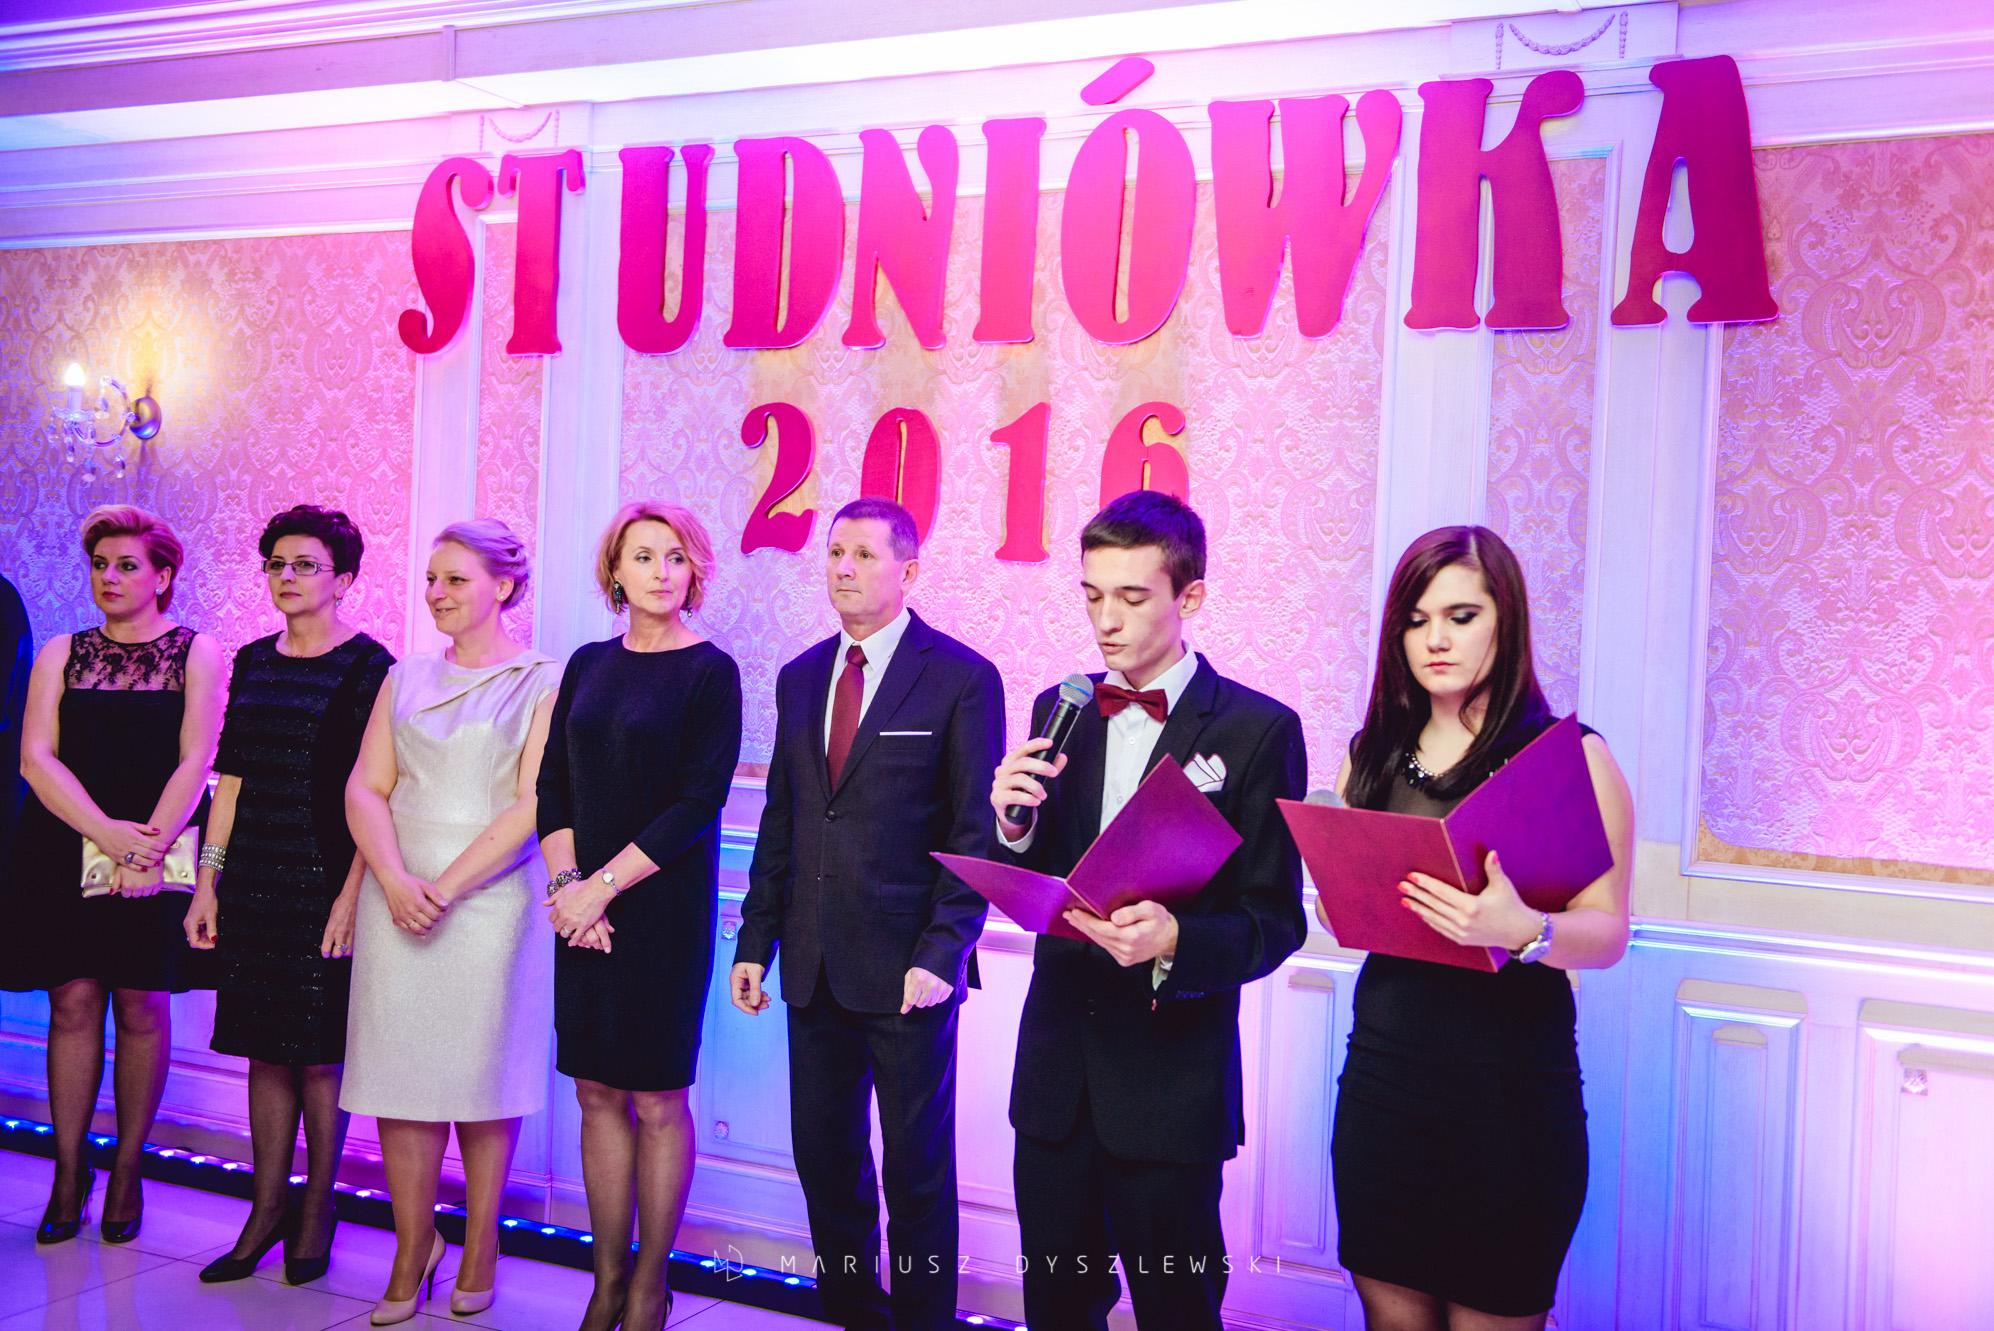 www.mdyszlewski.pl